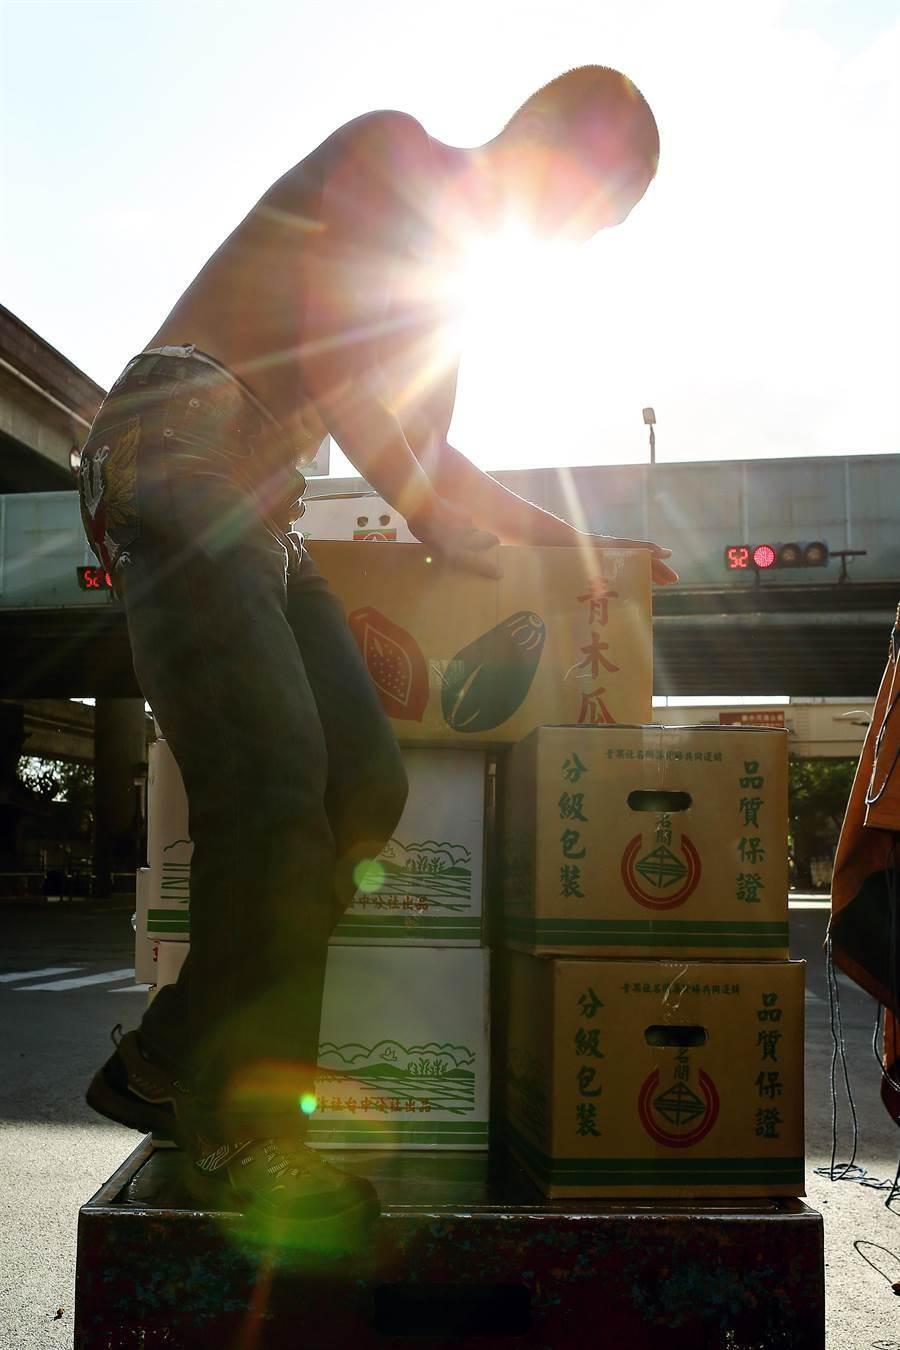 受到尼莎颱風影響,28日傍晚果菜市場內,出現進貨潮,工人在烈日下忙得不可開交。(鄧博仁攝)